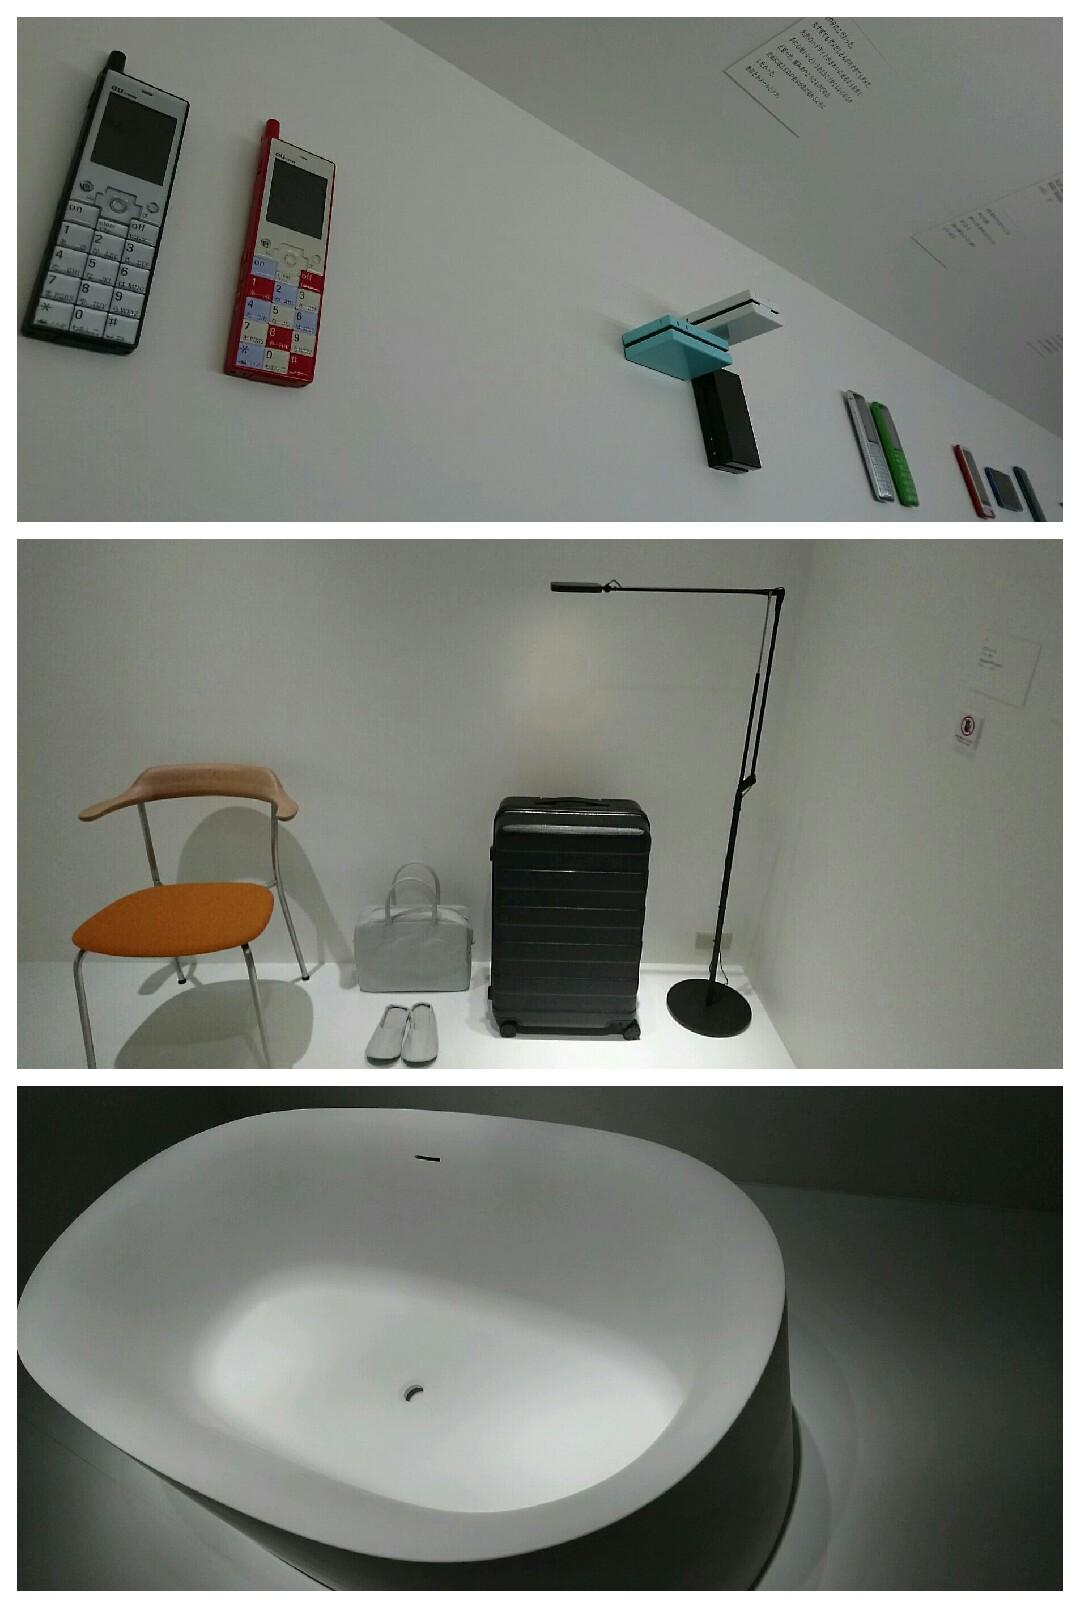 深澤直人がデザインする生活の周辺展「AMBIENT」